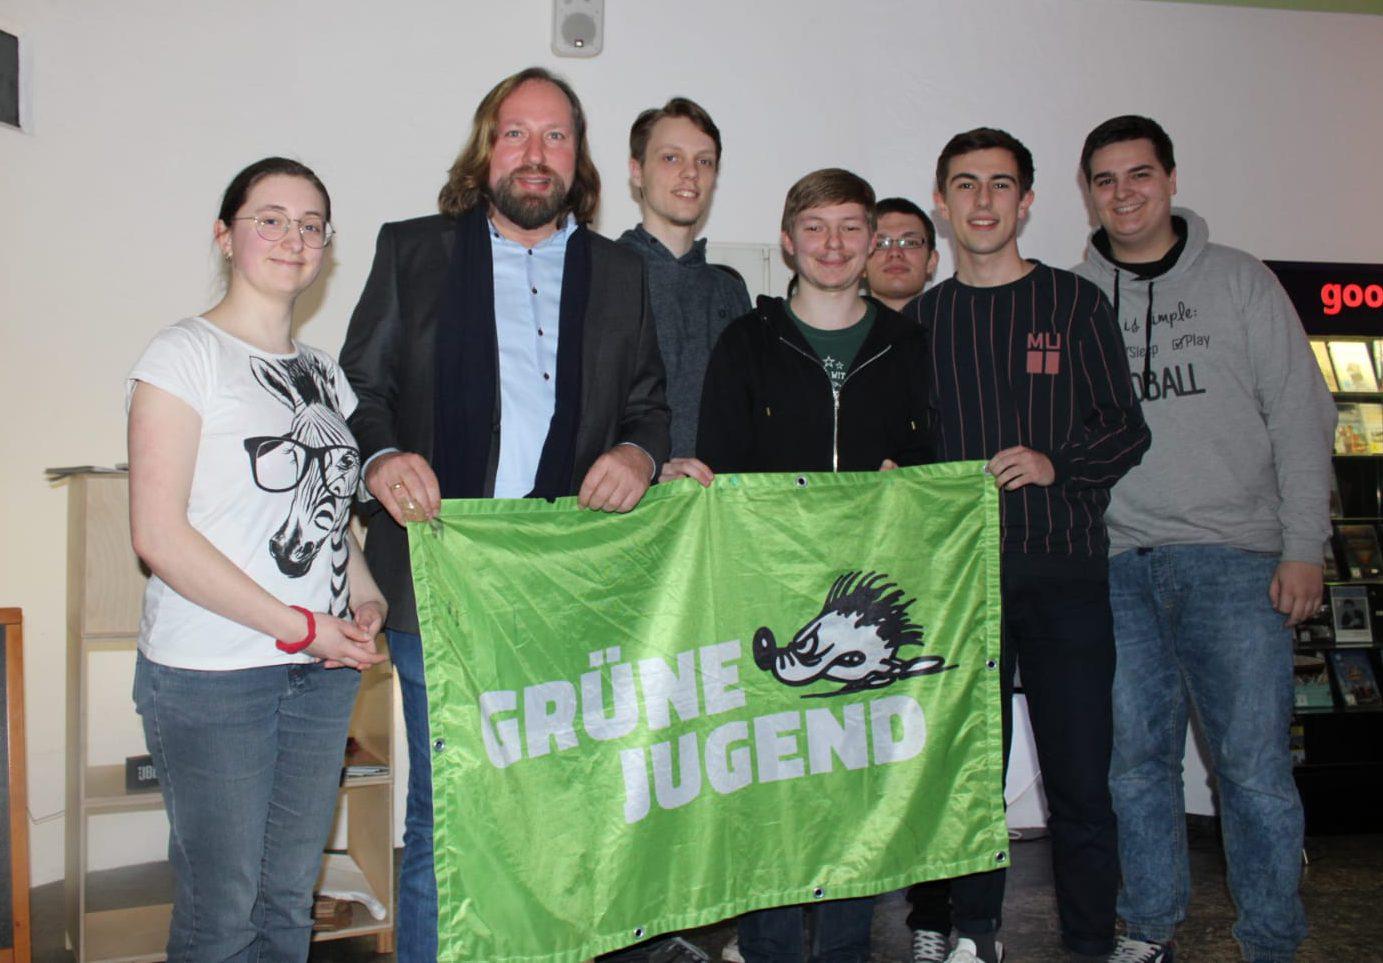 GJ mit Toni Hofreiter im Gespräch | Kundgebung zum Anschlag in Hanau